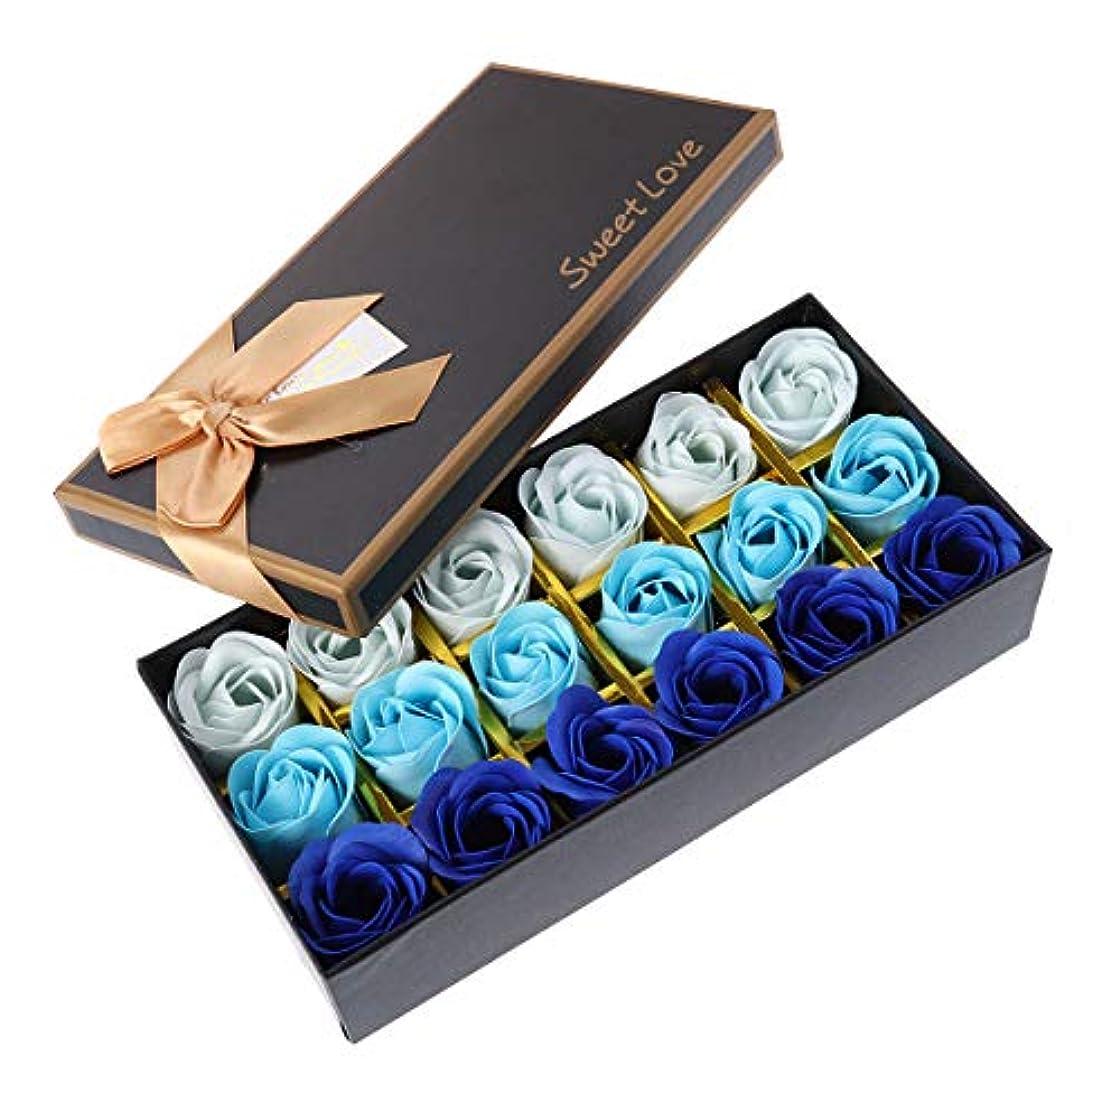 甘くするベギンポスト印象派Beaupretty バレンタインデーの結婚式の誕生日プレゼントのための小さなクマとバラの石鹸の花